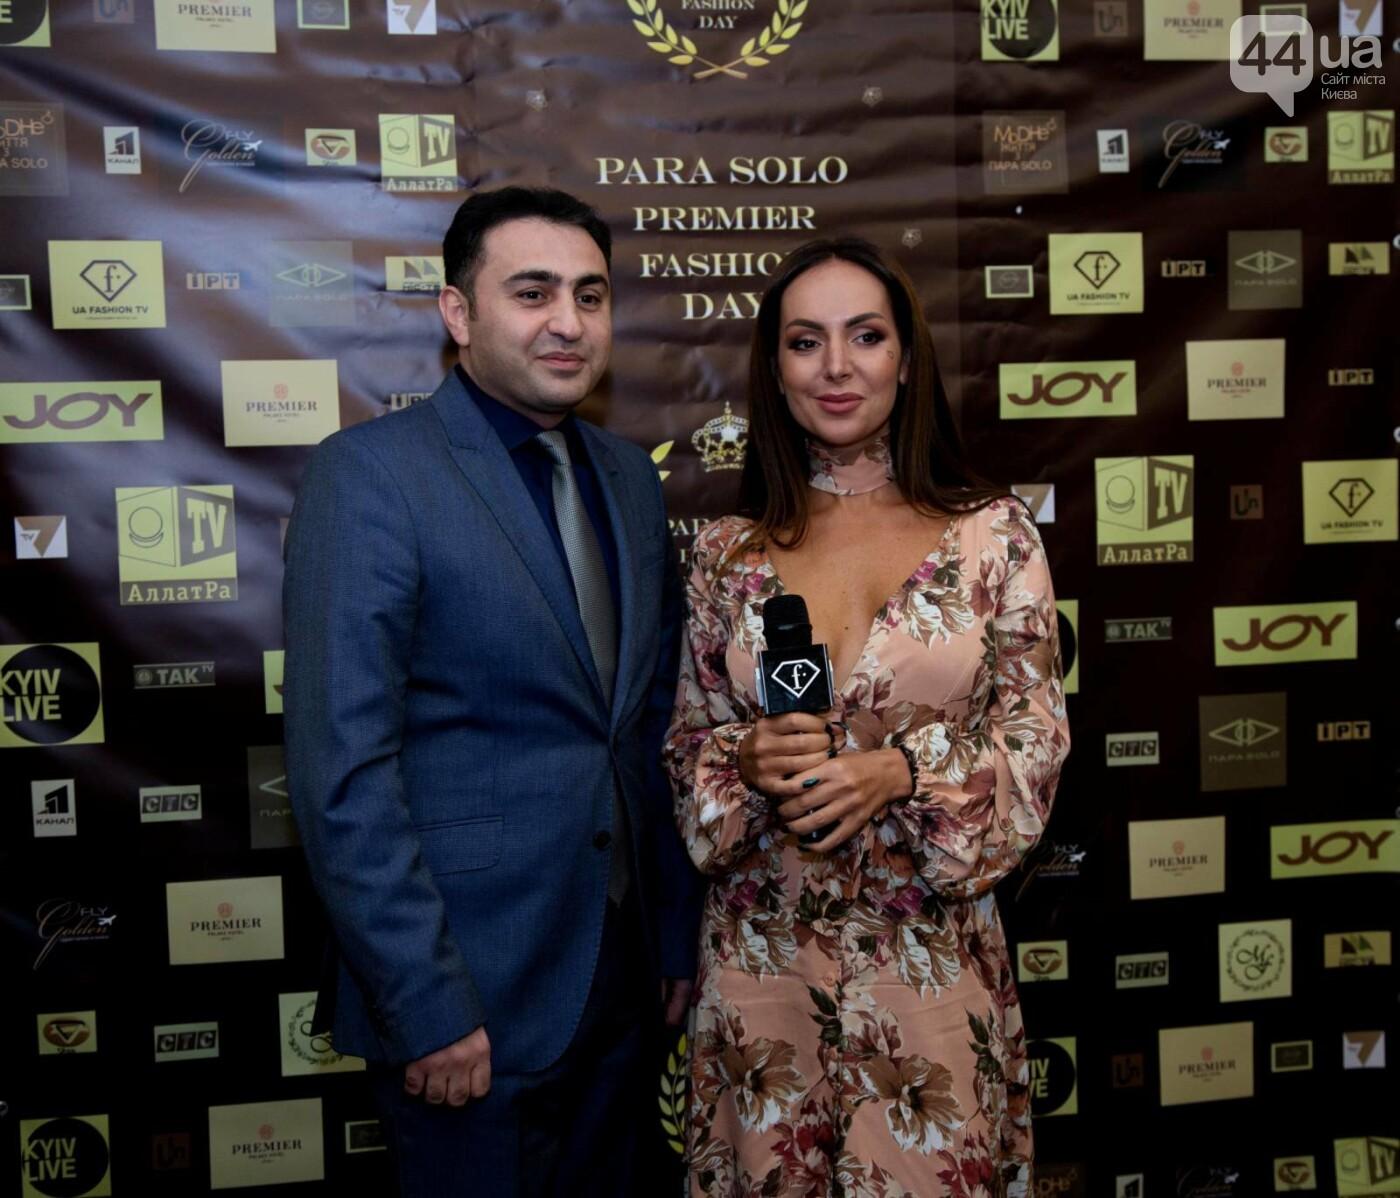 ПАРА SOLO отметил своё 20-и летие в столичном люксовом отеле Премьер Палац, фото-6